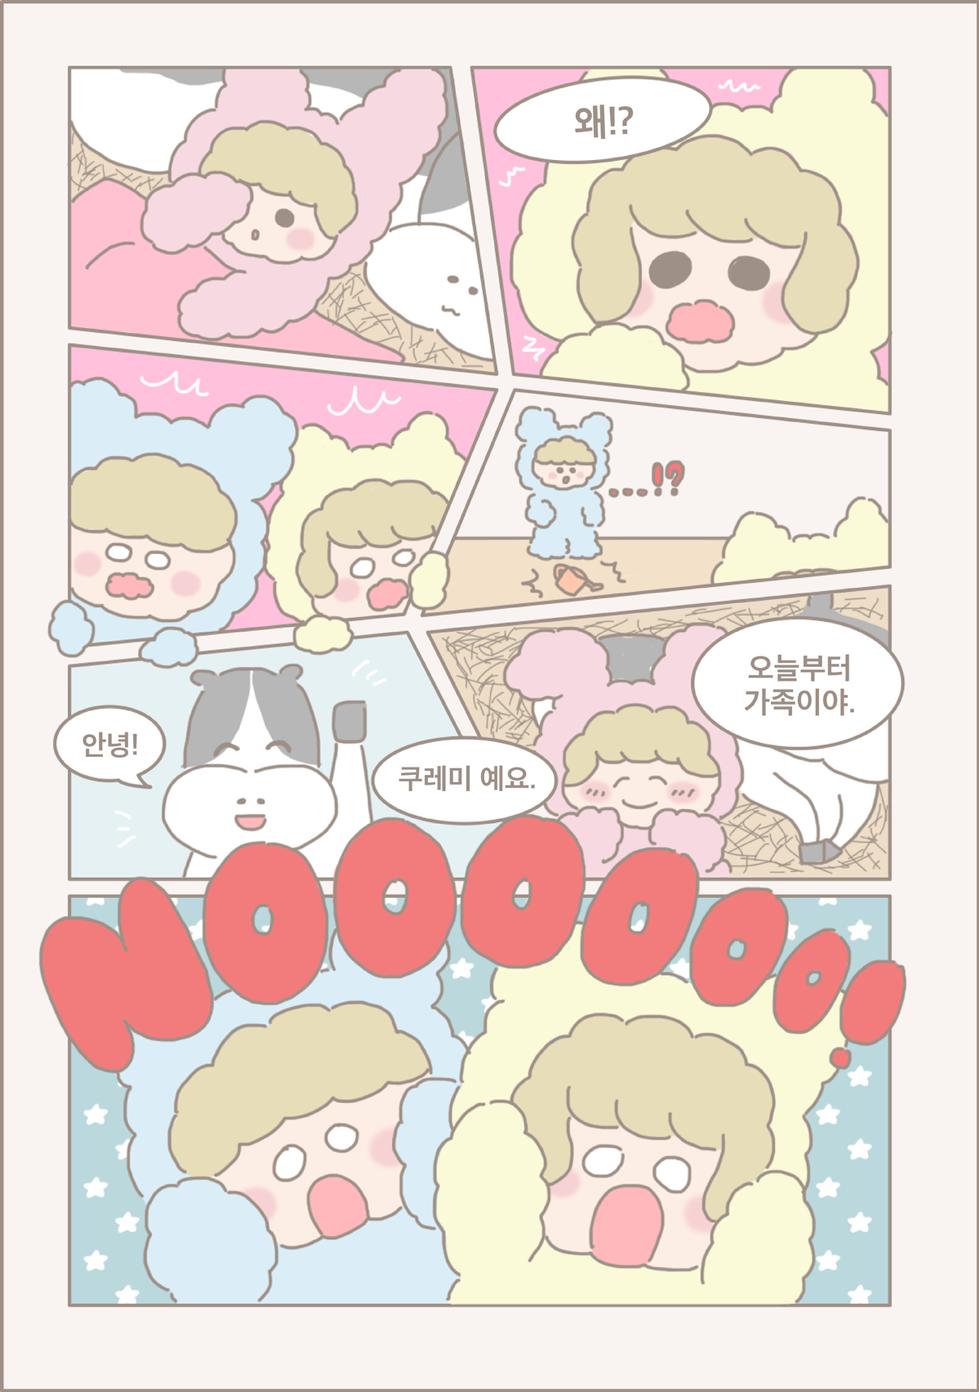 cam1-8_korean.png